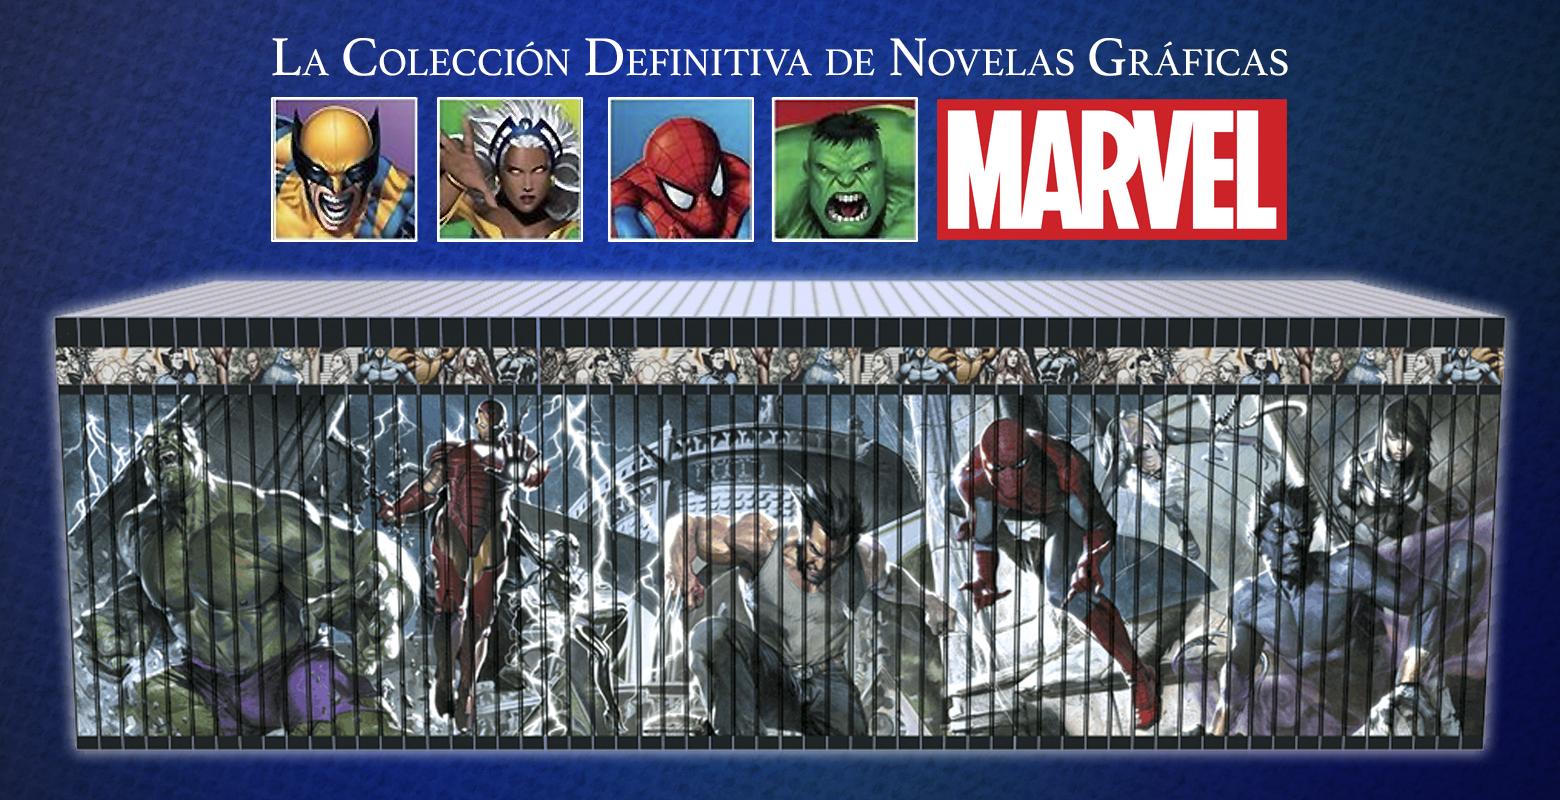 fbe732648 La alianza Salvat – Grupo El Mercurio ha anunciado el lanzamiento de la  Colección Definitiva de Novelas Gráficas Marvel, una serie de tomos que  reúne lo mas ...